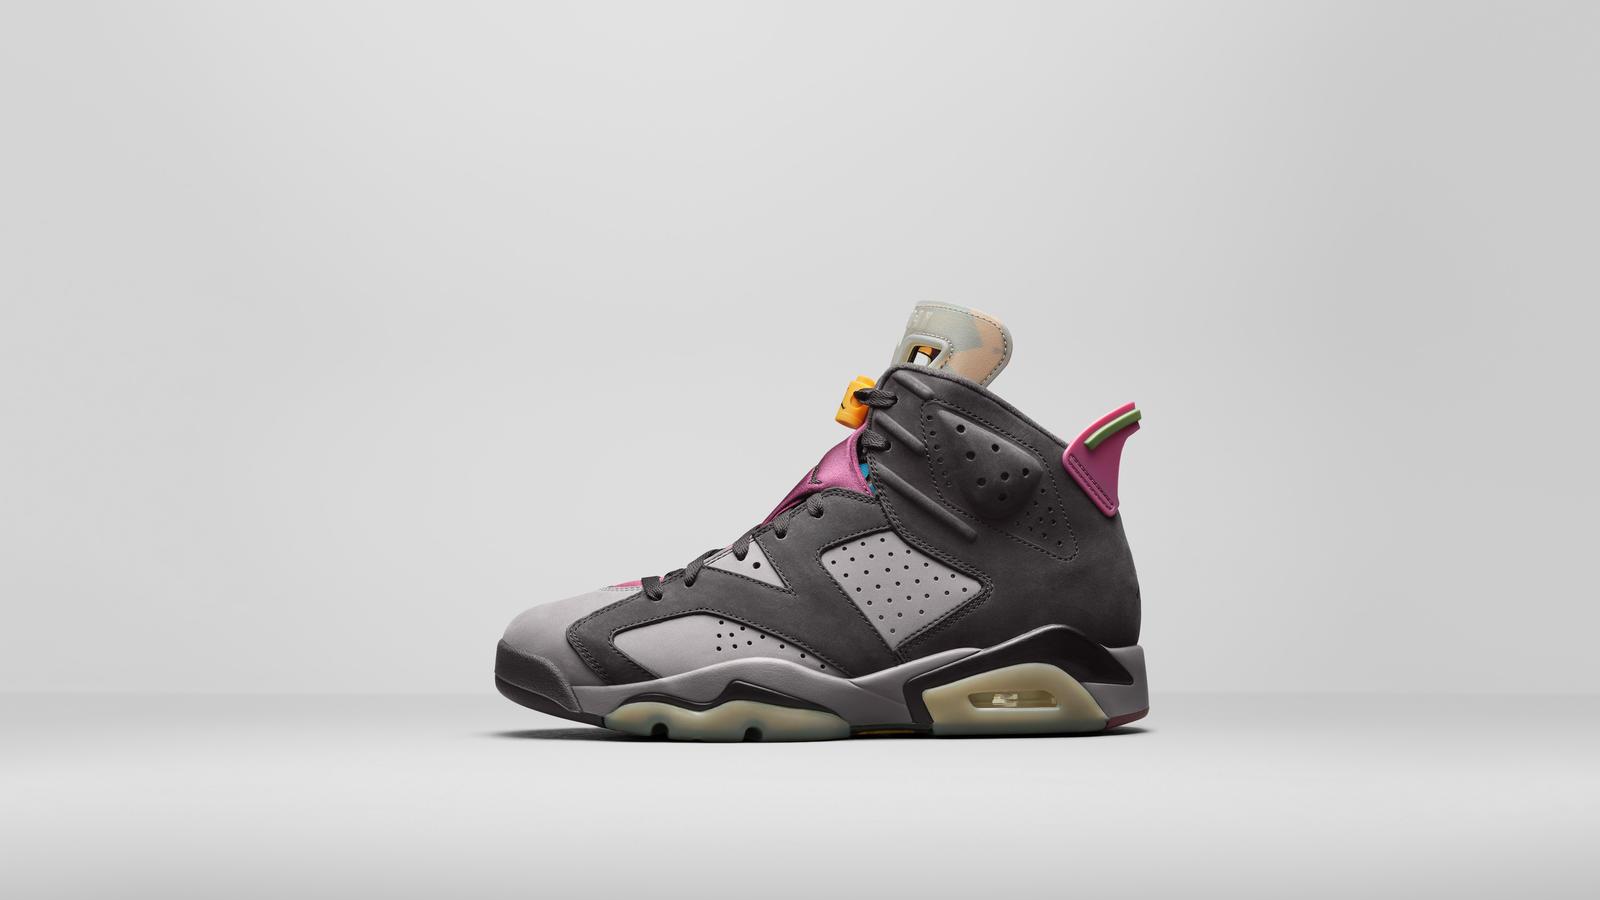 Jordan Brand Retro Preview Fall 2021 Air Jordan 11 Low IE Official Images Release Date 14